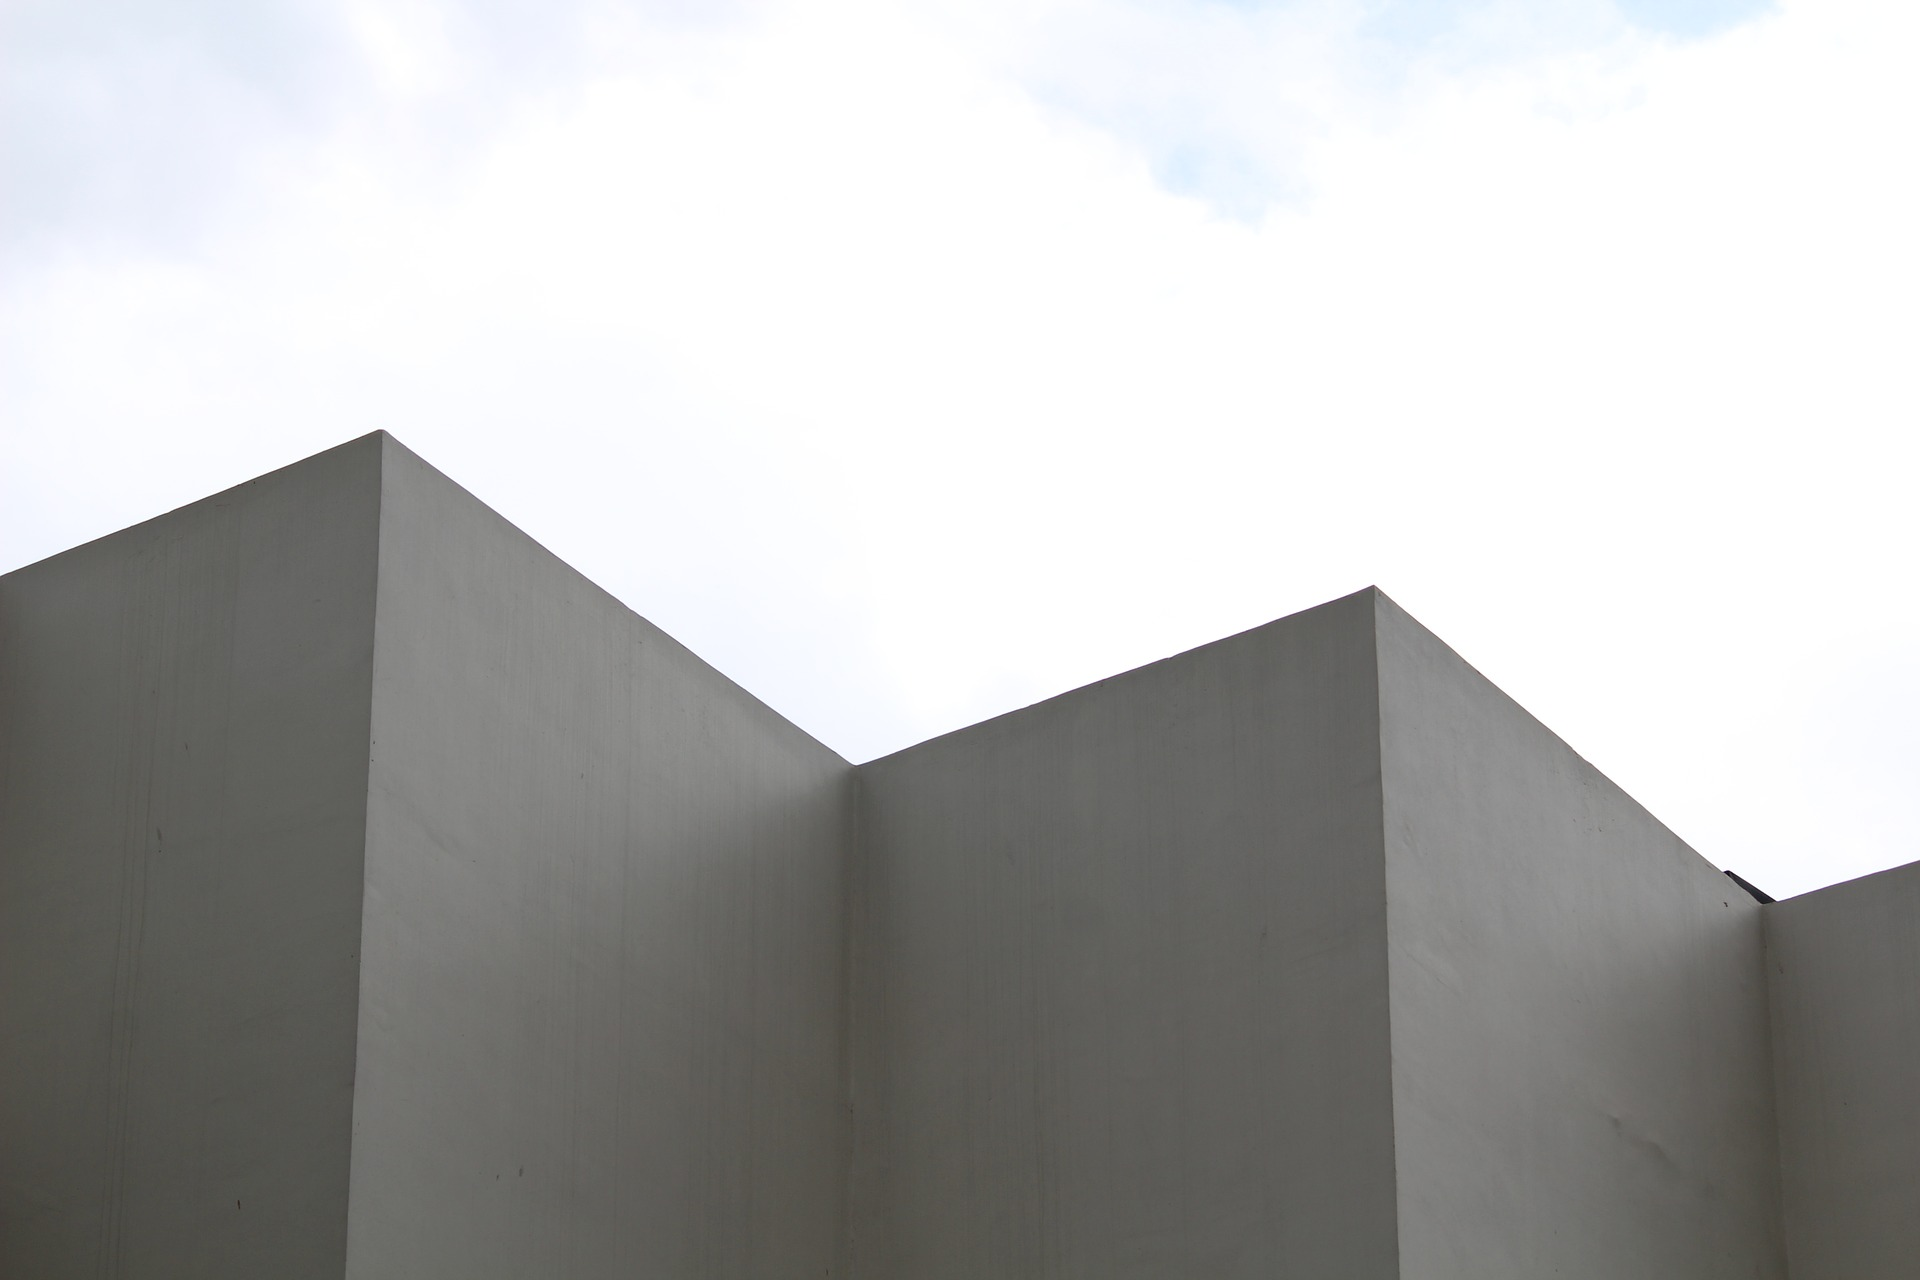 Minimalismus: Moderní bydlení i životní filozofie